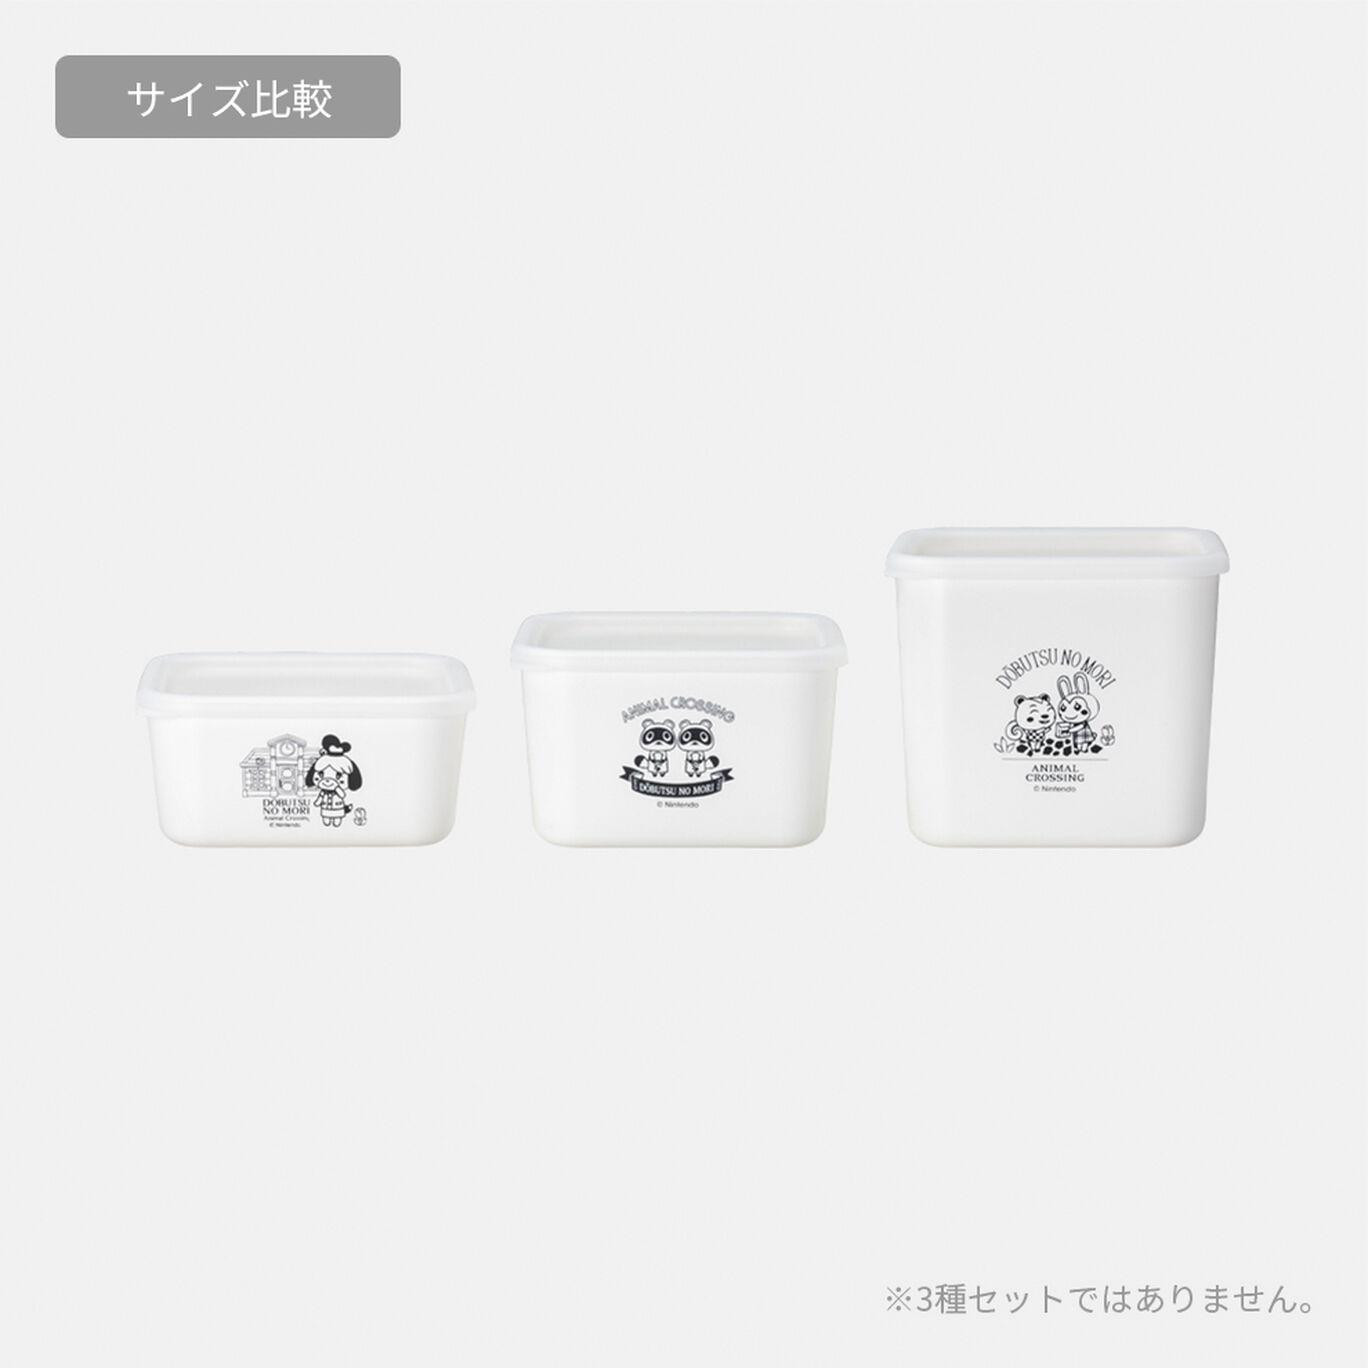 ストッカー(大) どうぶつの森【Nintendo TOKYO取り扱い商品】